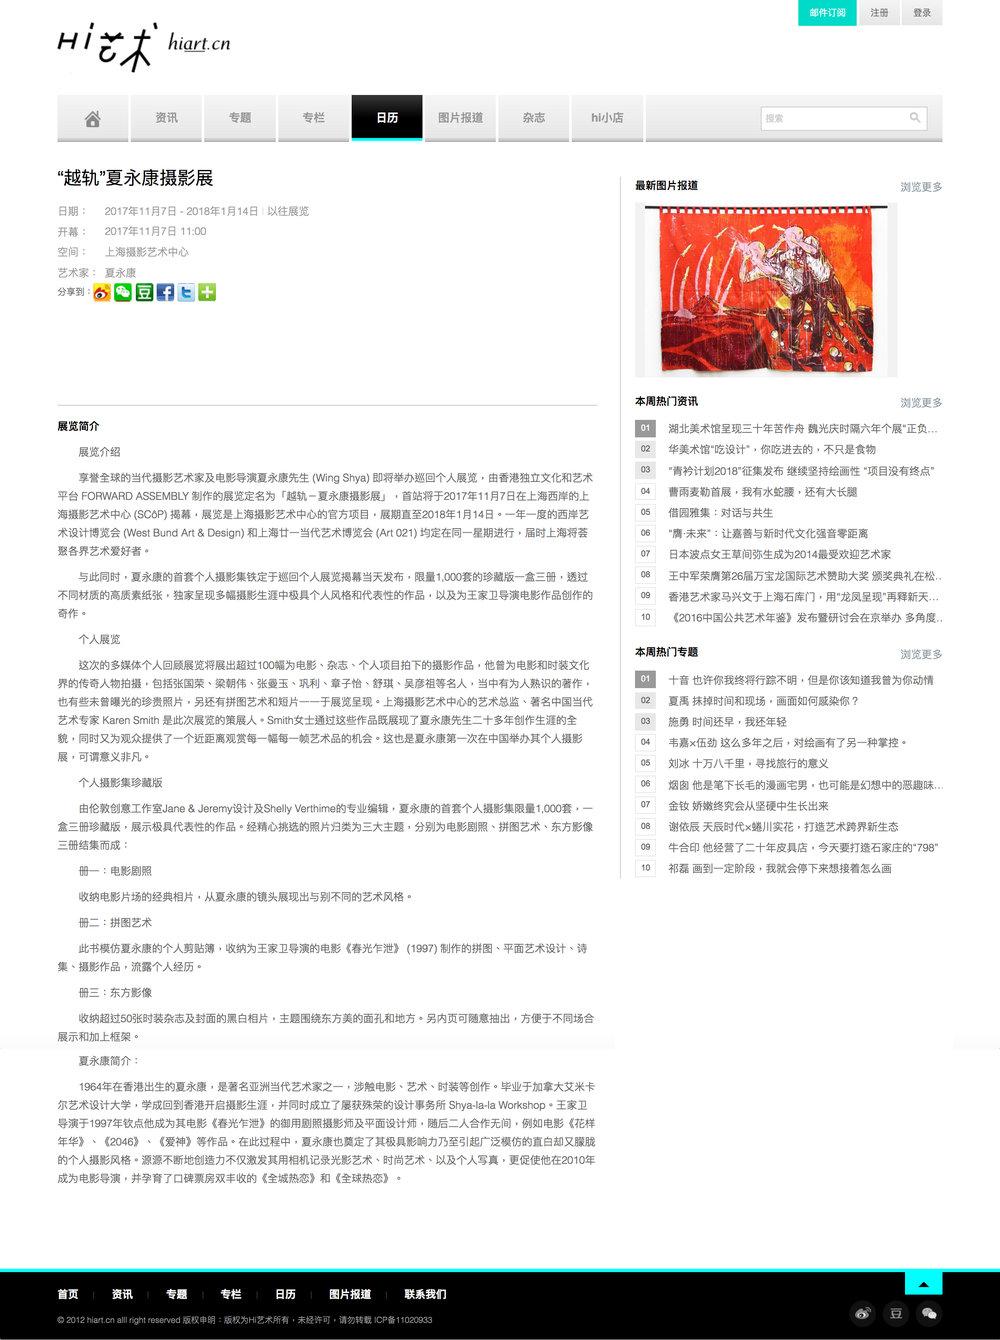 Hiart.cn.jpg